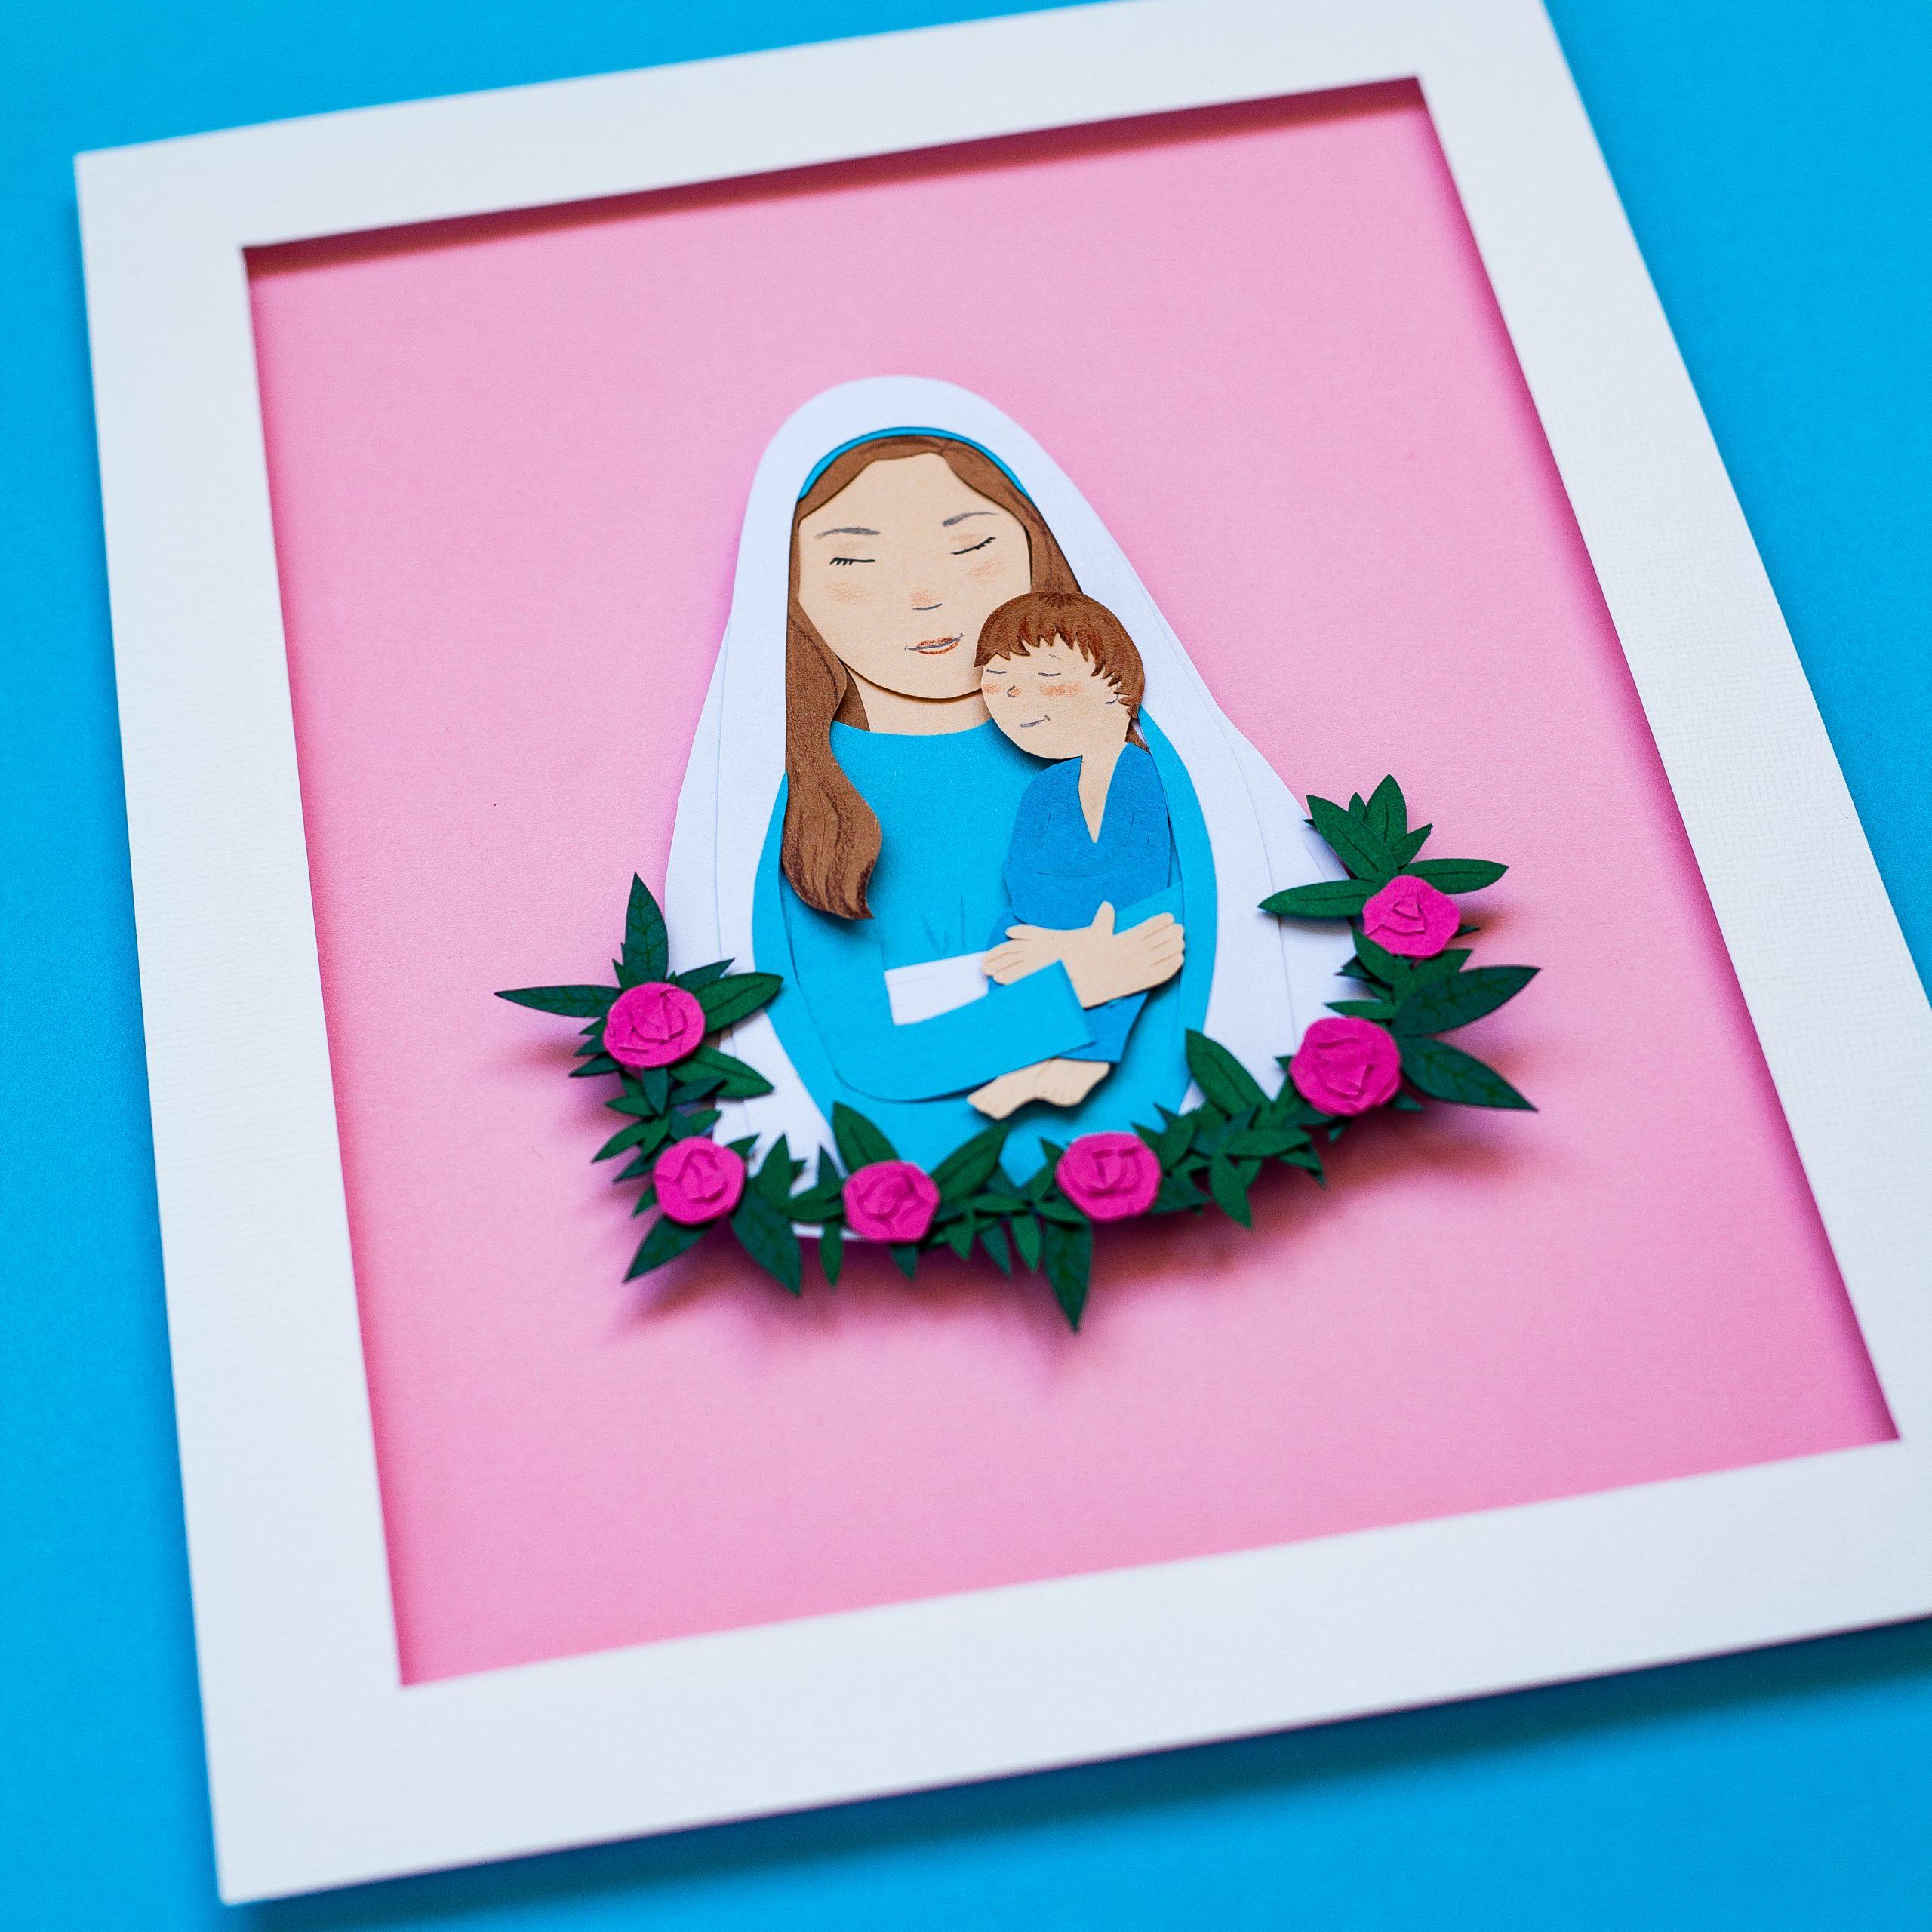 papercut portrait example